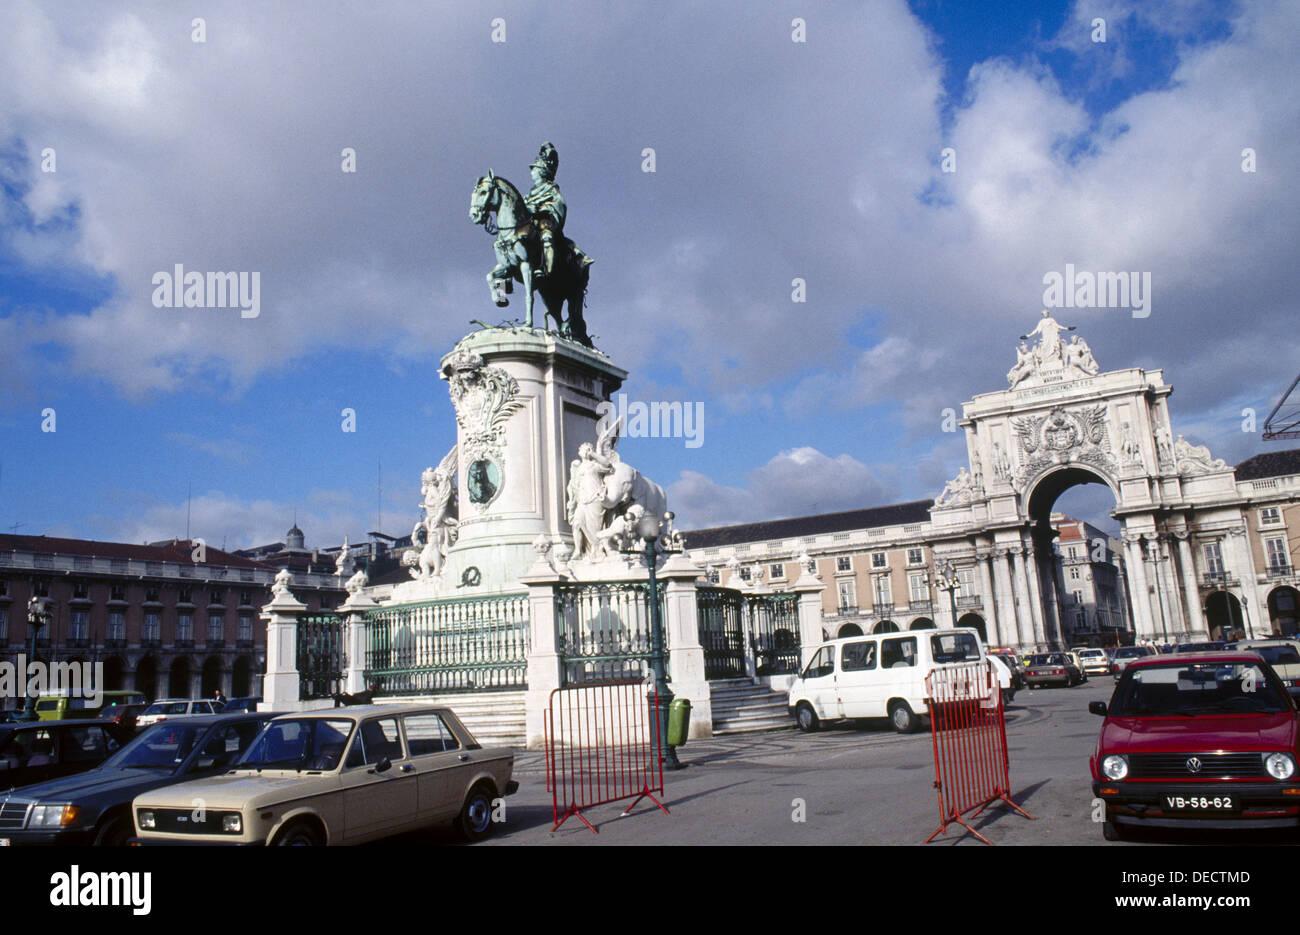 Triumphal Arch. Dom José I statue. Praça do Comércio. Lisbon. Portugal - Stock Image